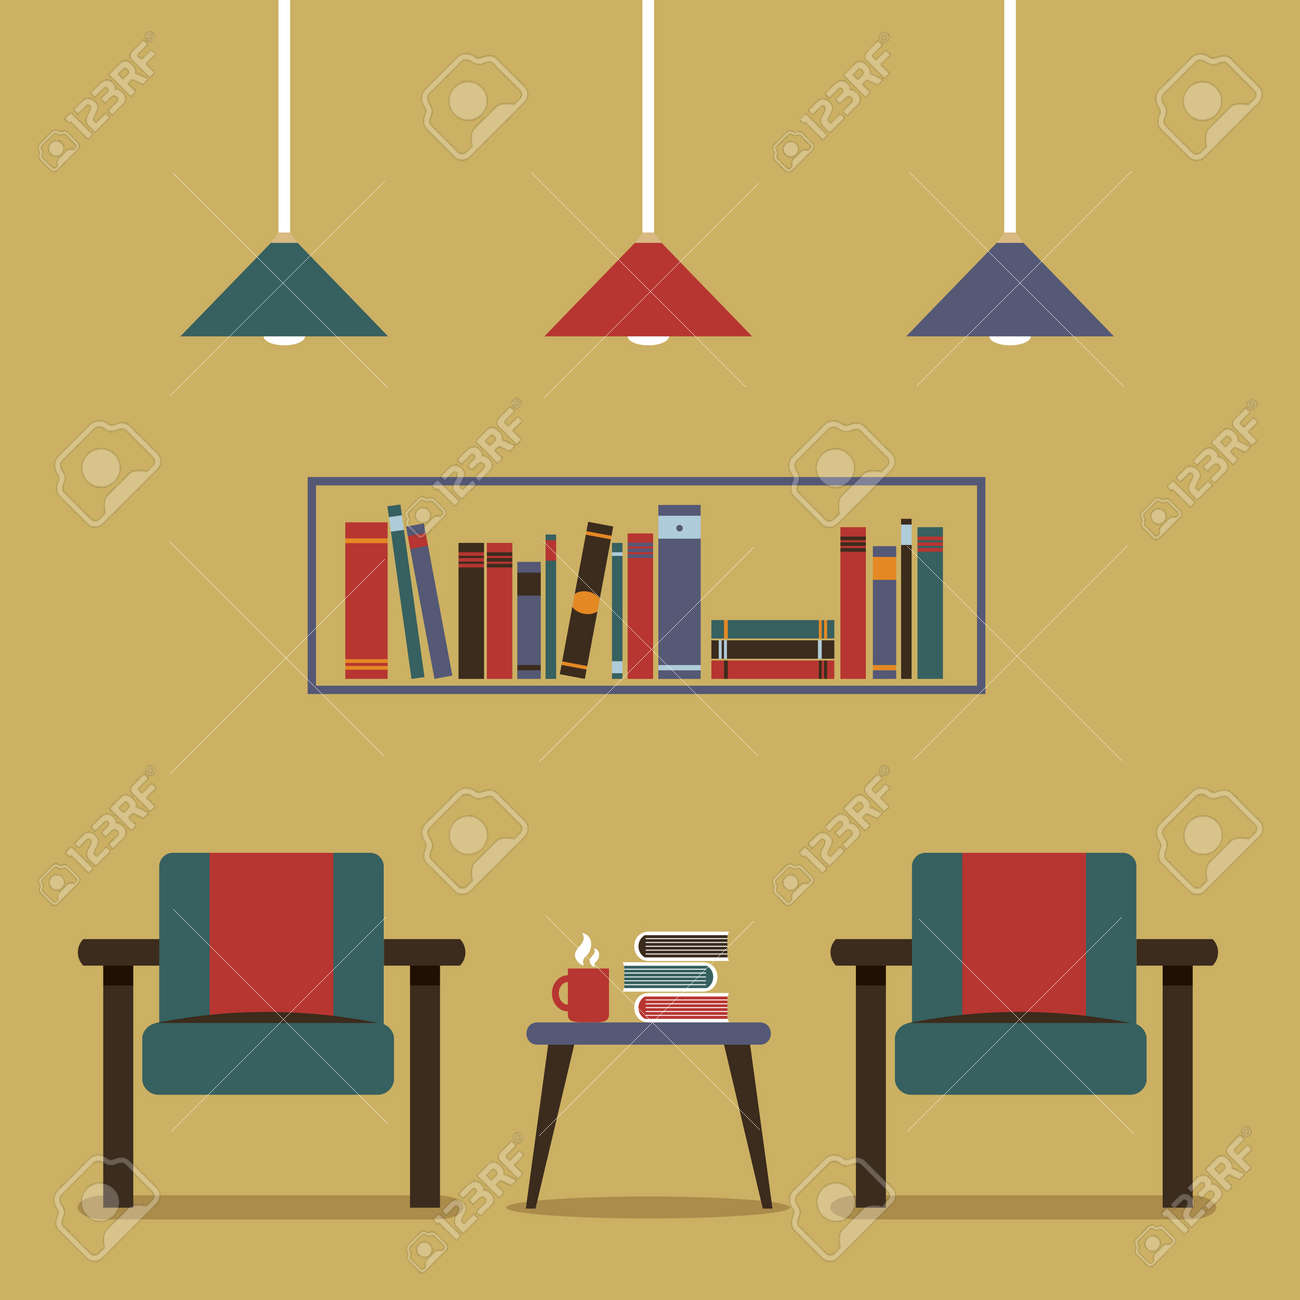 Modernes Design Innenraum Stuhle Und Bucherregal Lizenzfrei Nutzbare